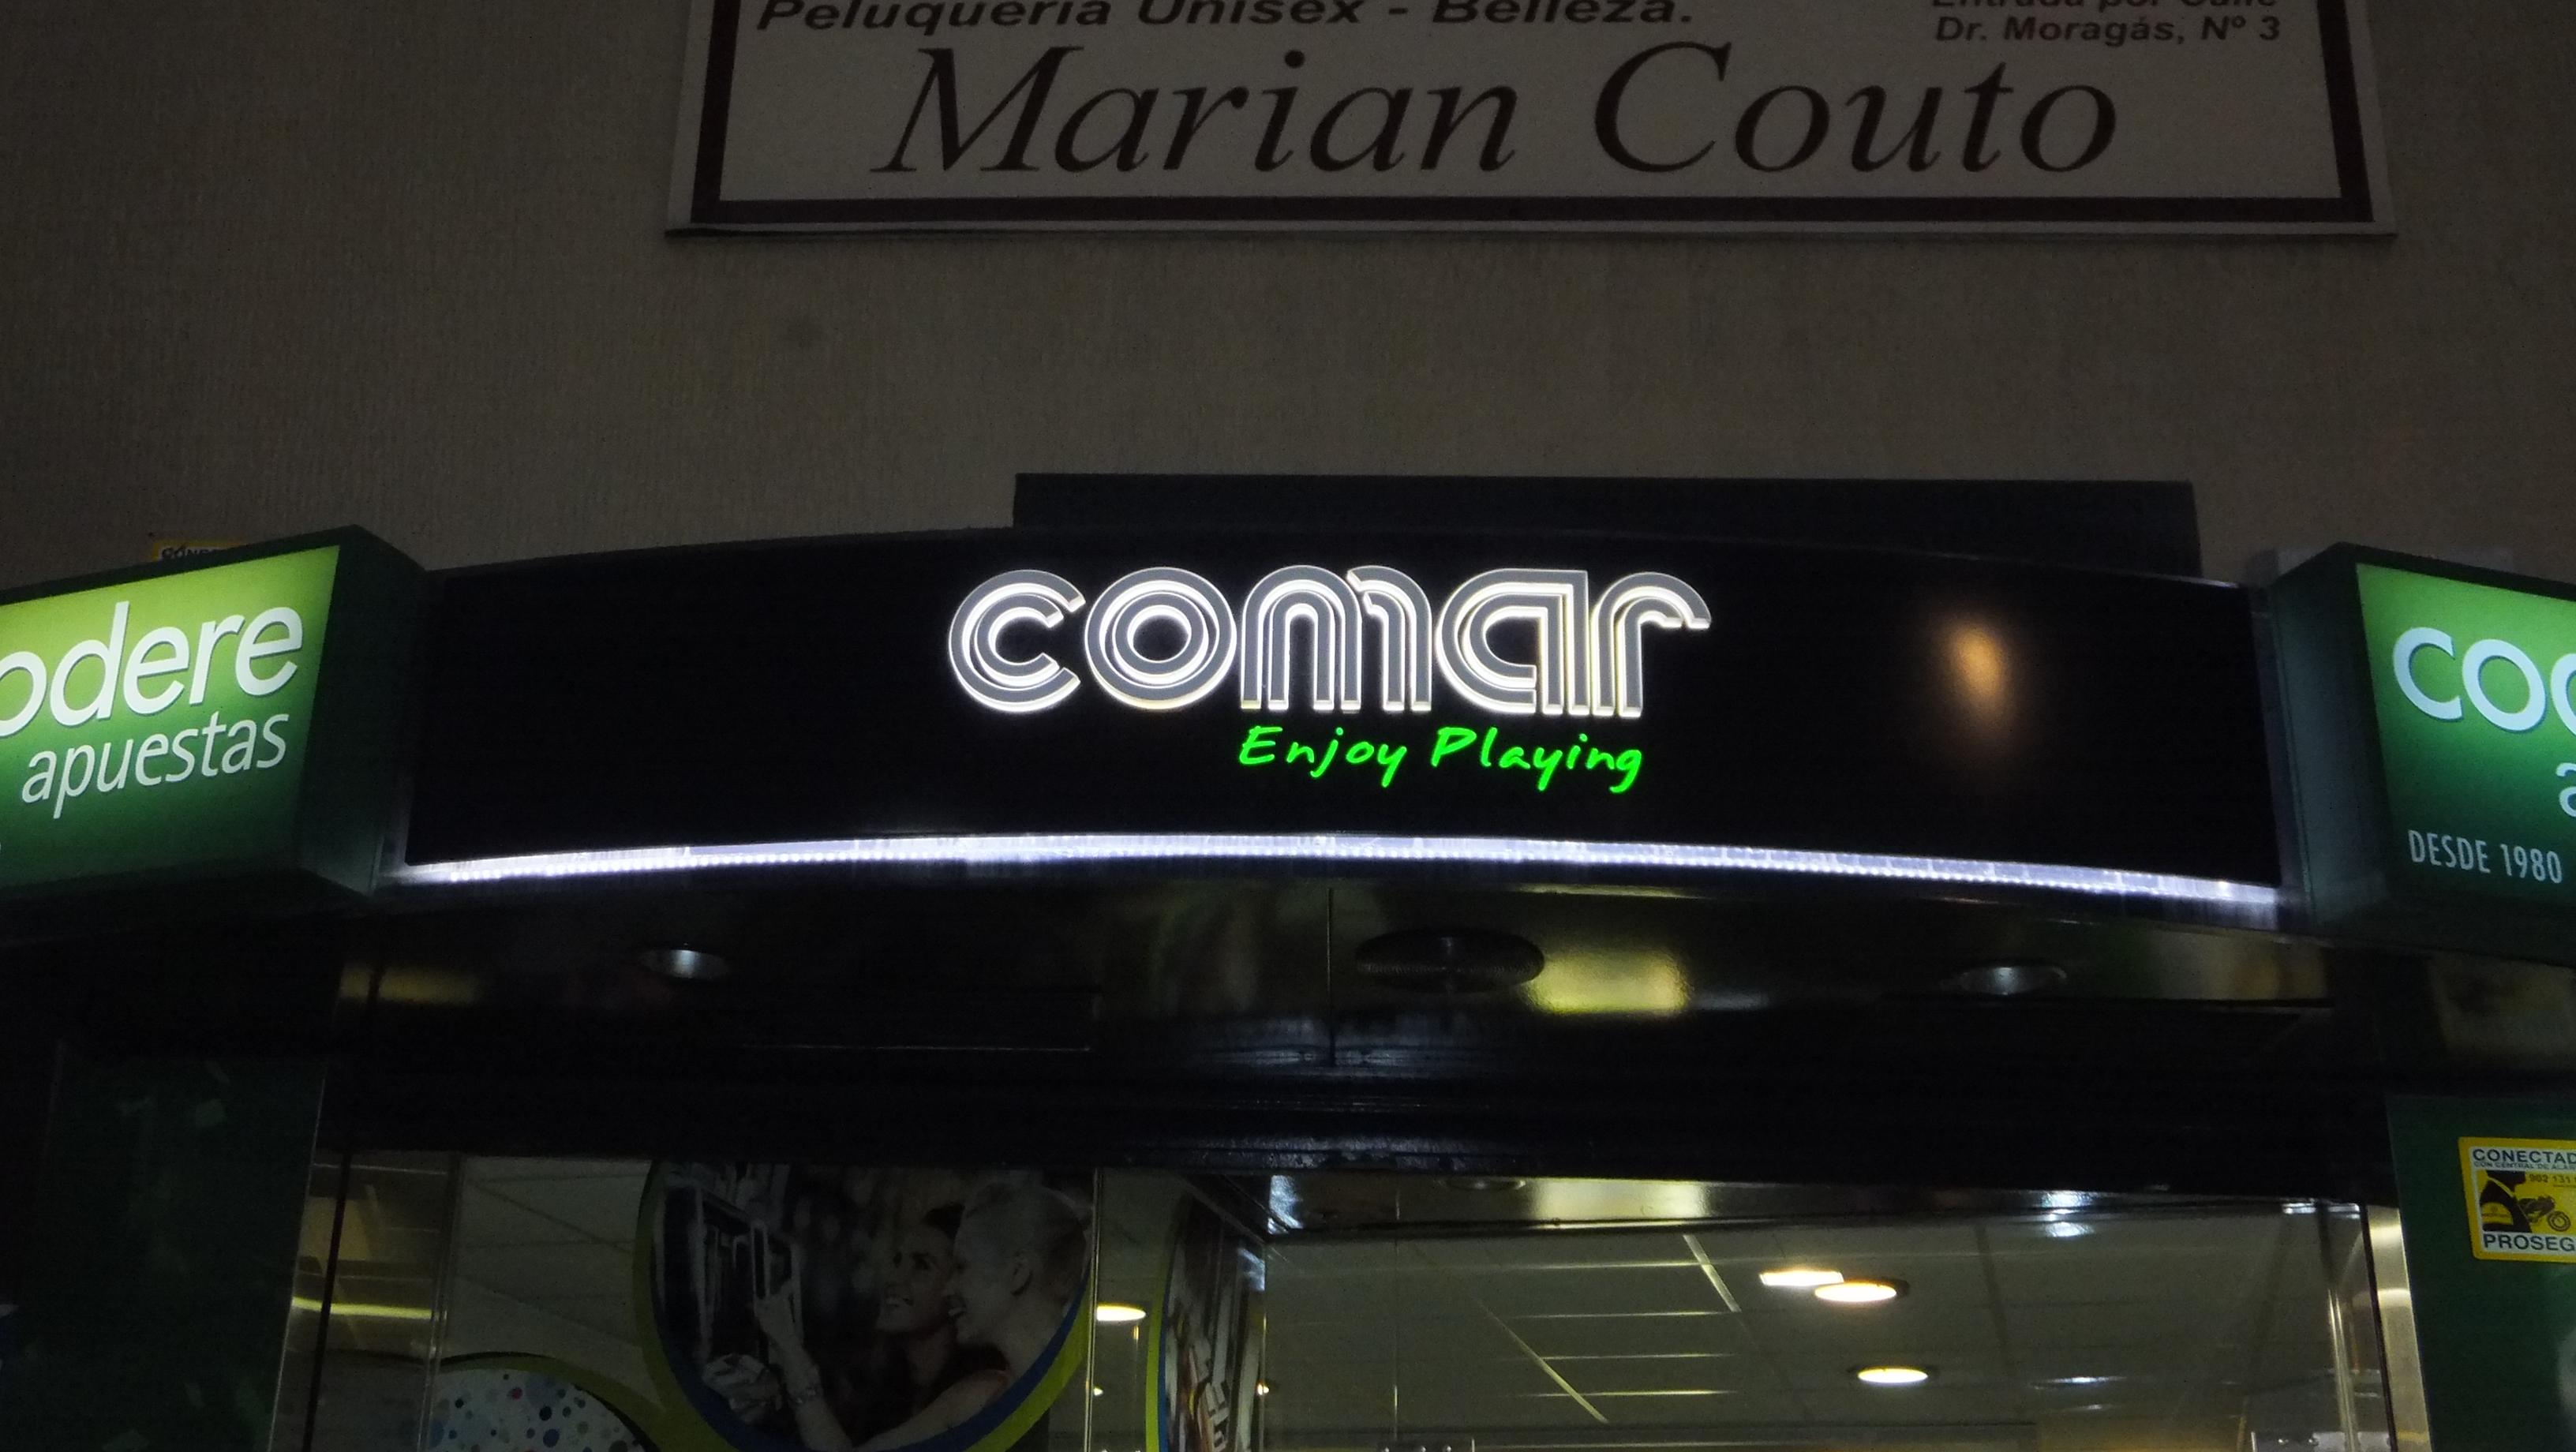 http://luzcoruna.es/wp-content/uploads/2019/02/Comar-1.jpg